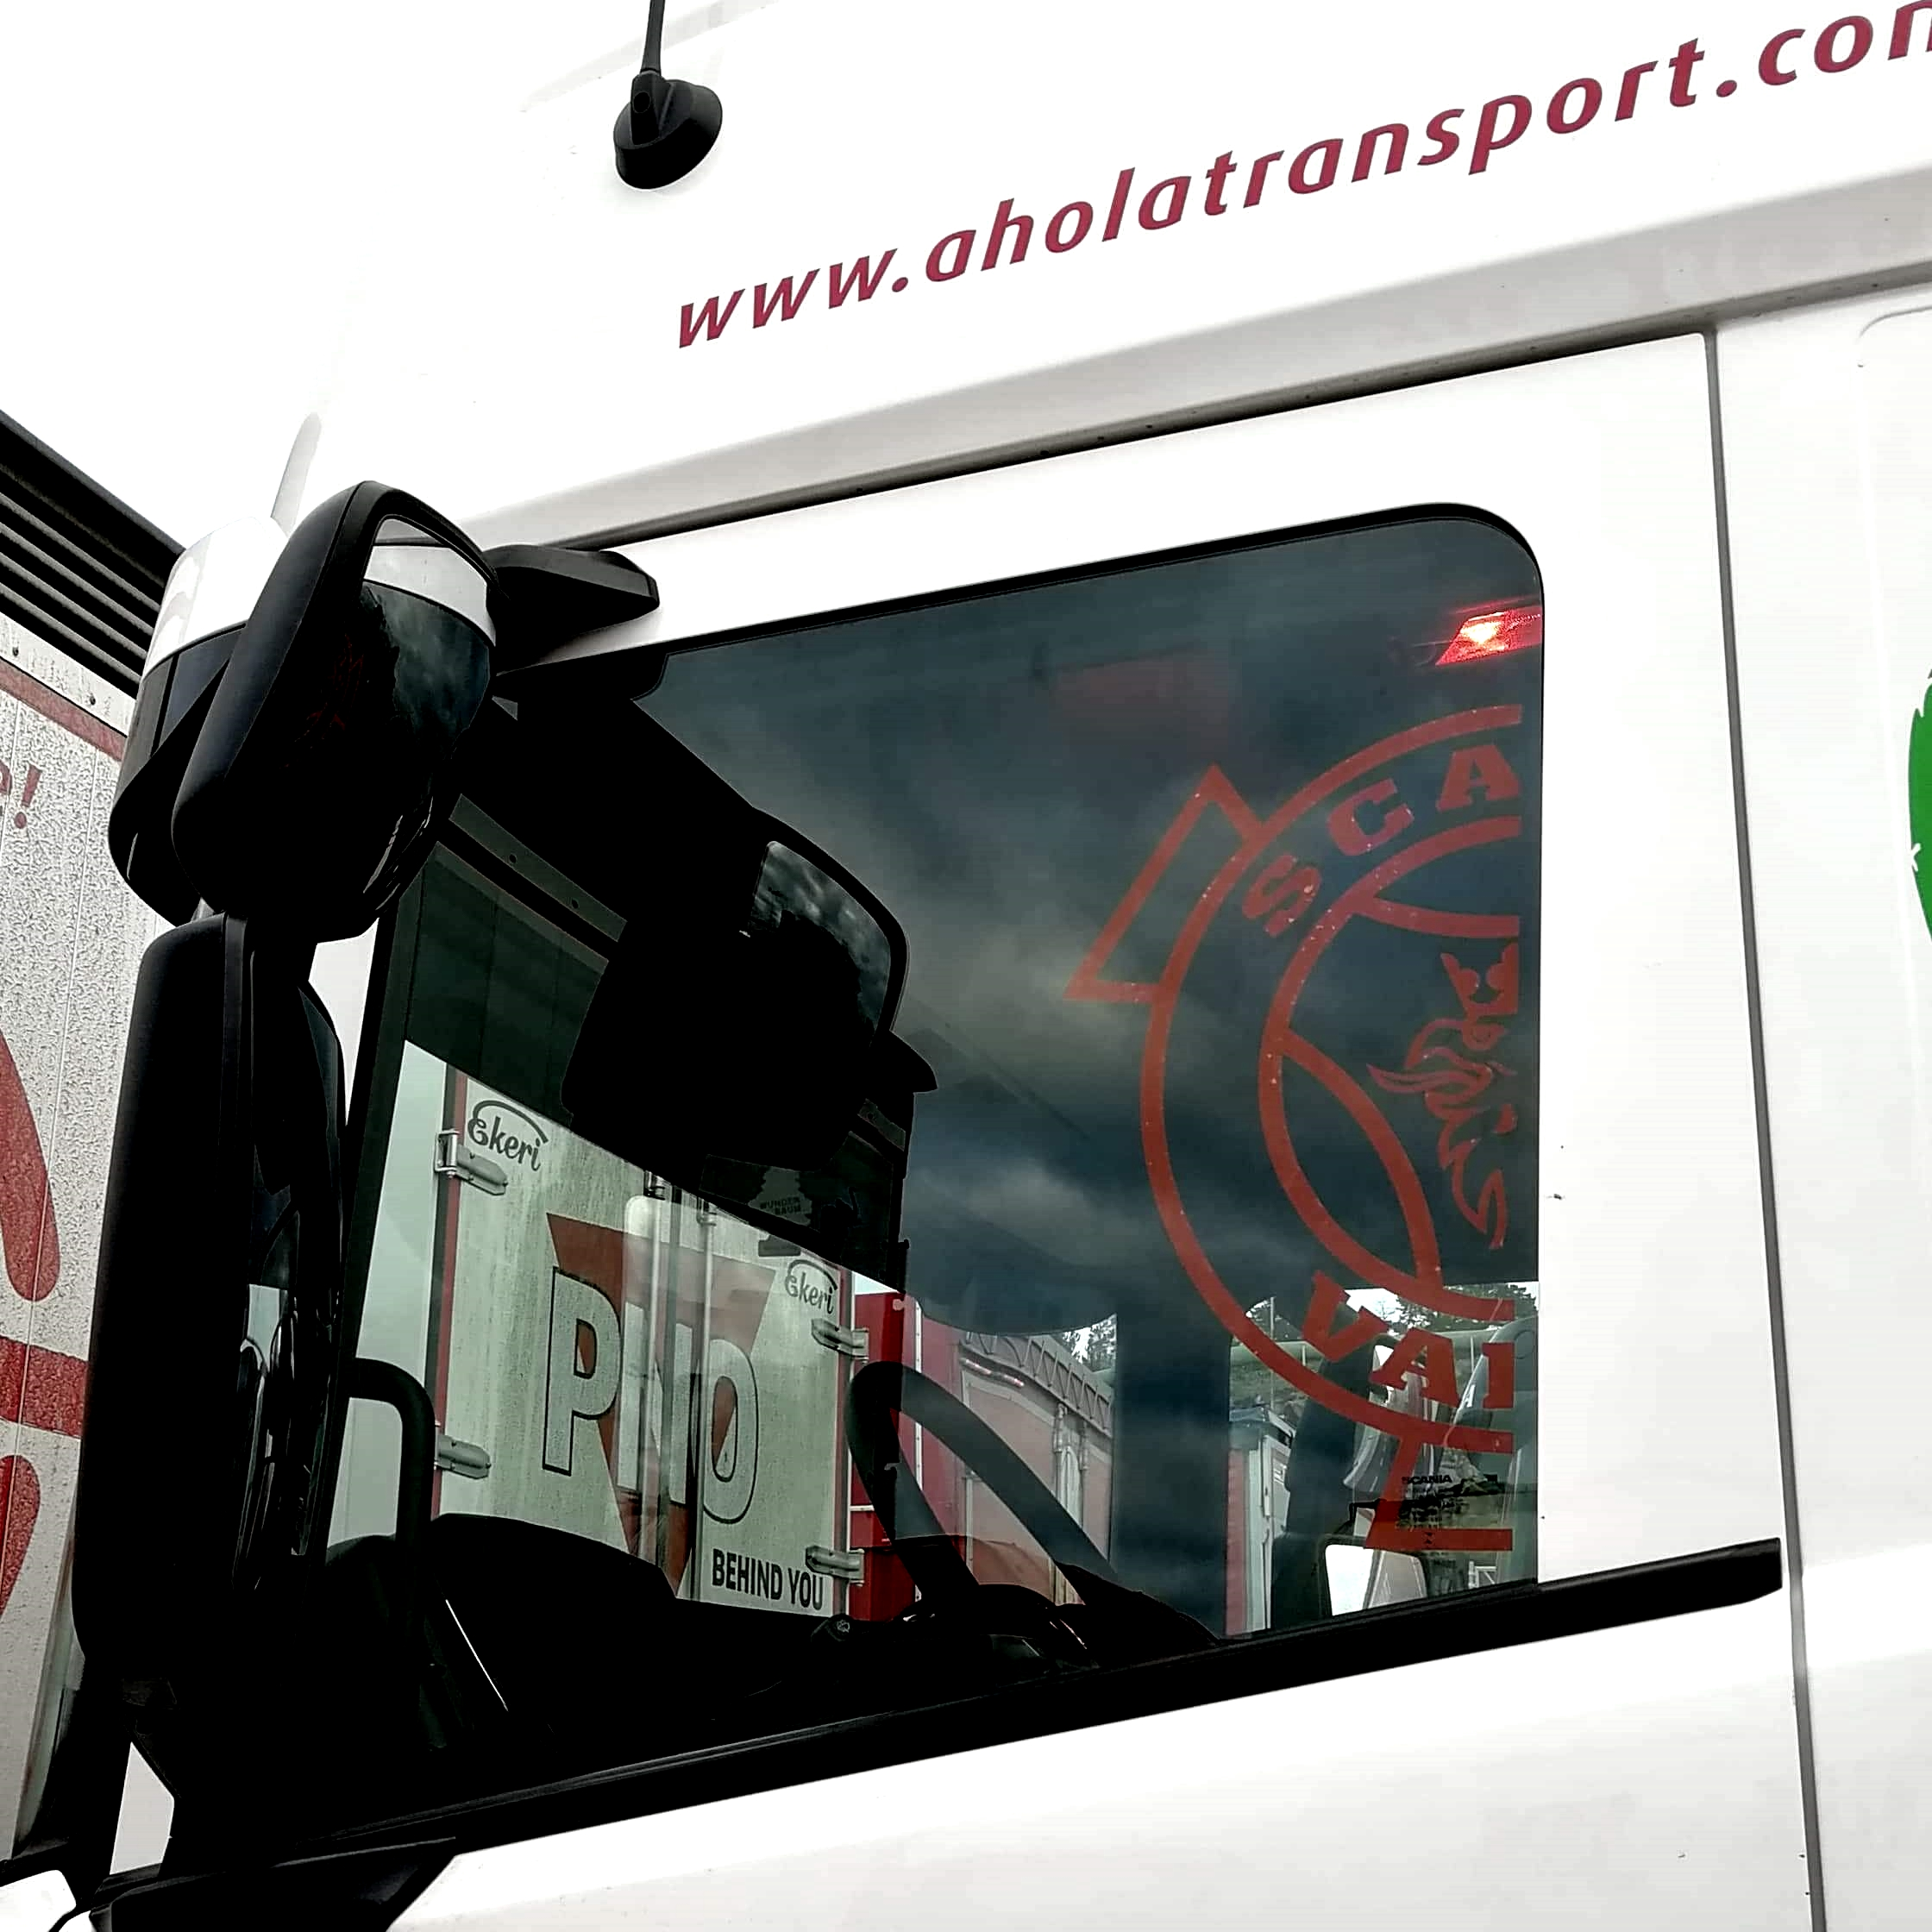 Scania-Vabis pari